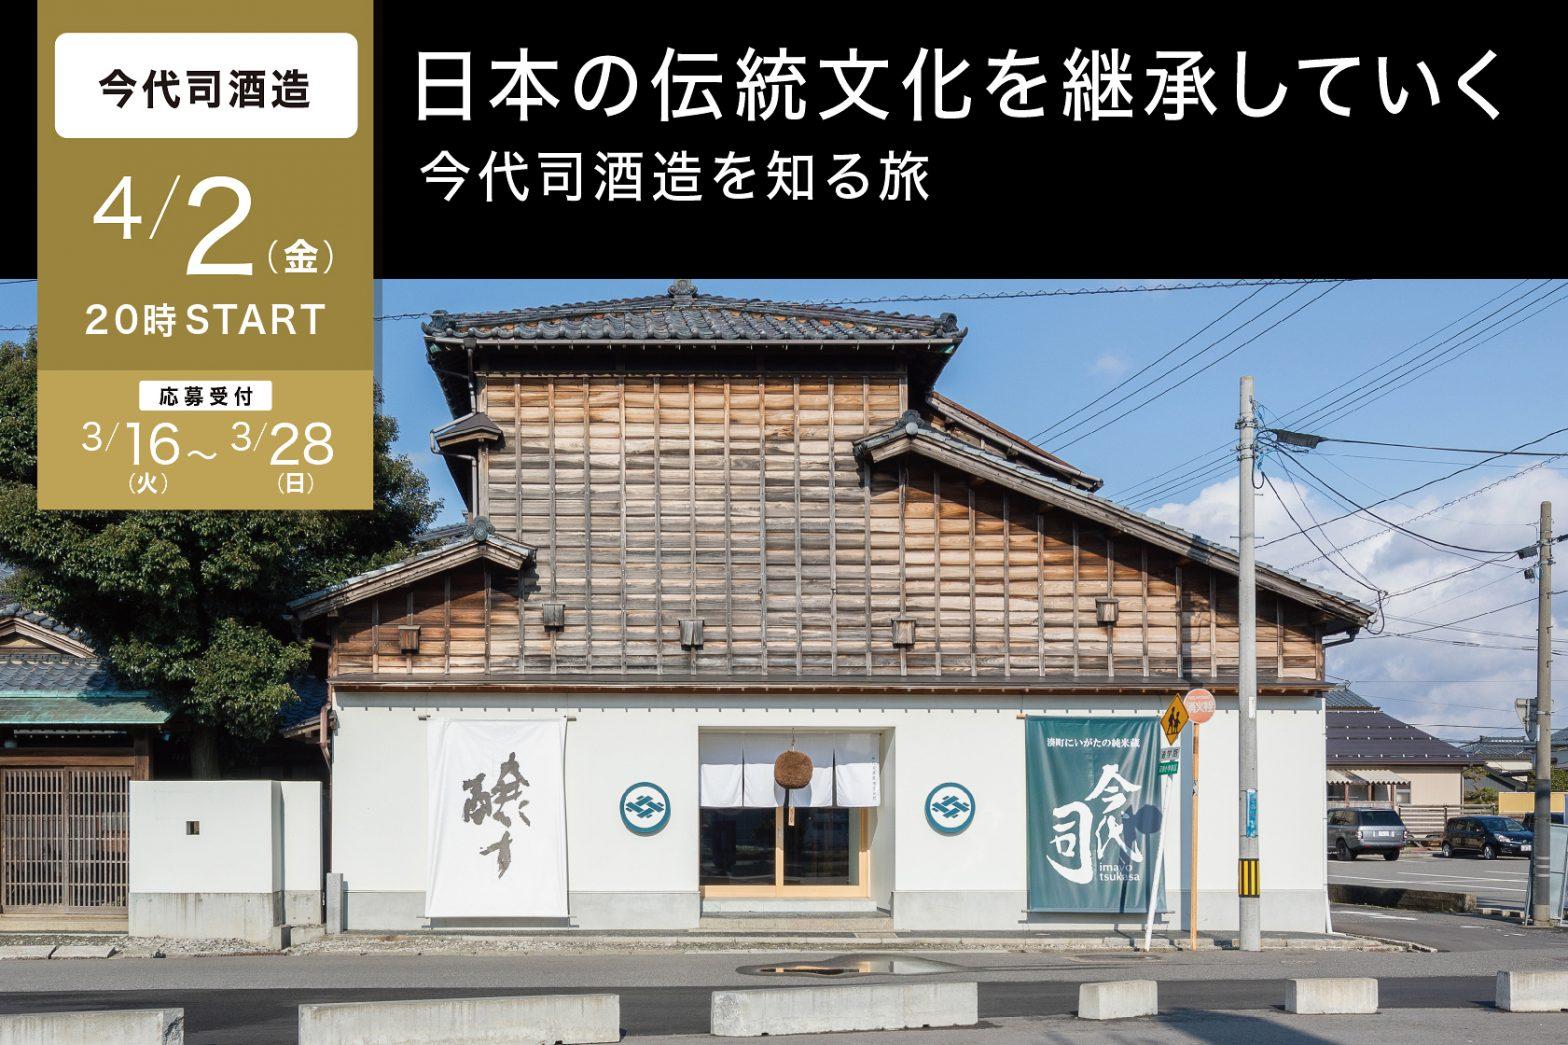 4/2 日本の伝統文化を継承していく今代司酒造を知る旅